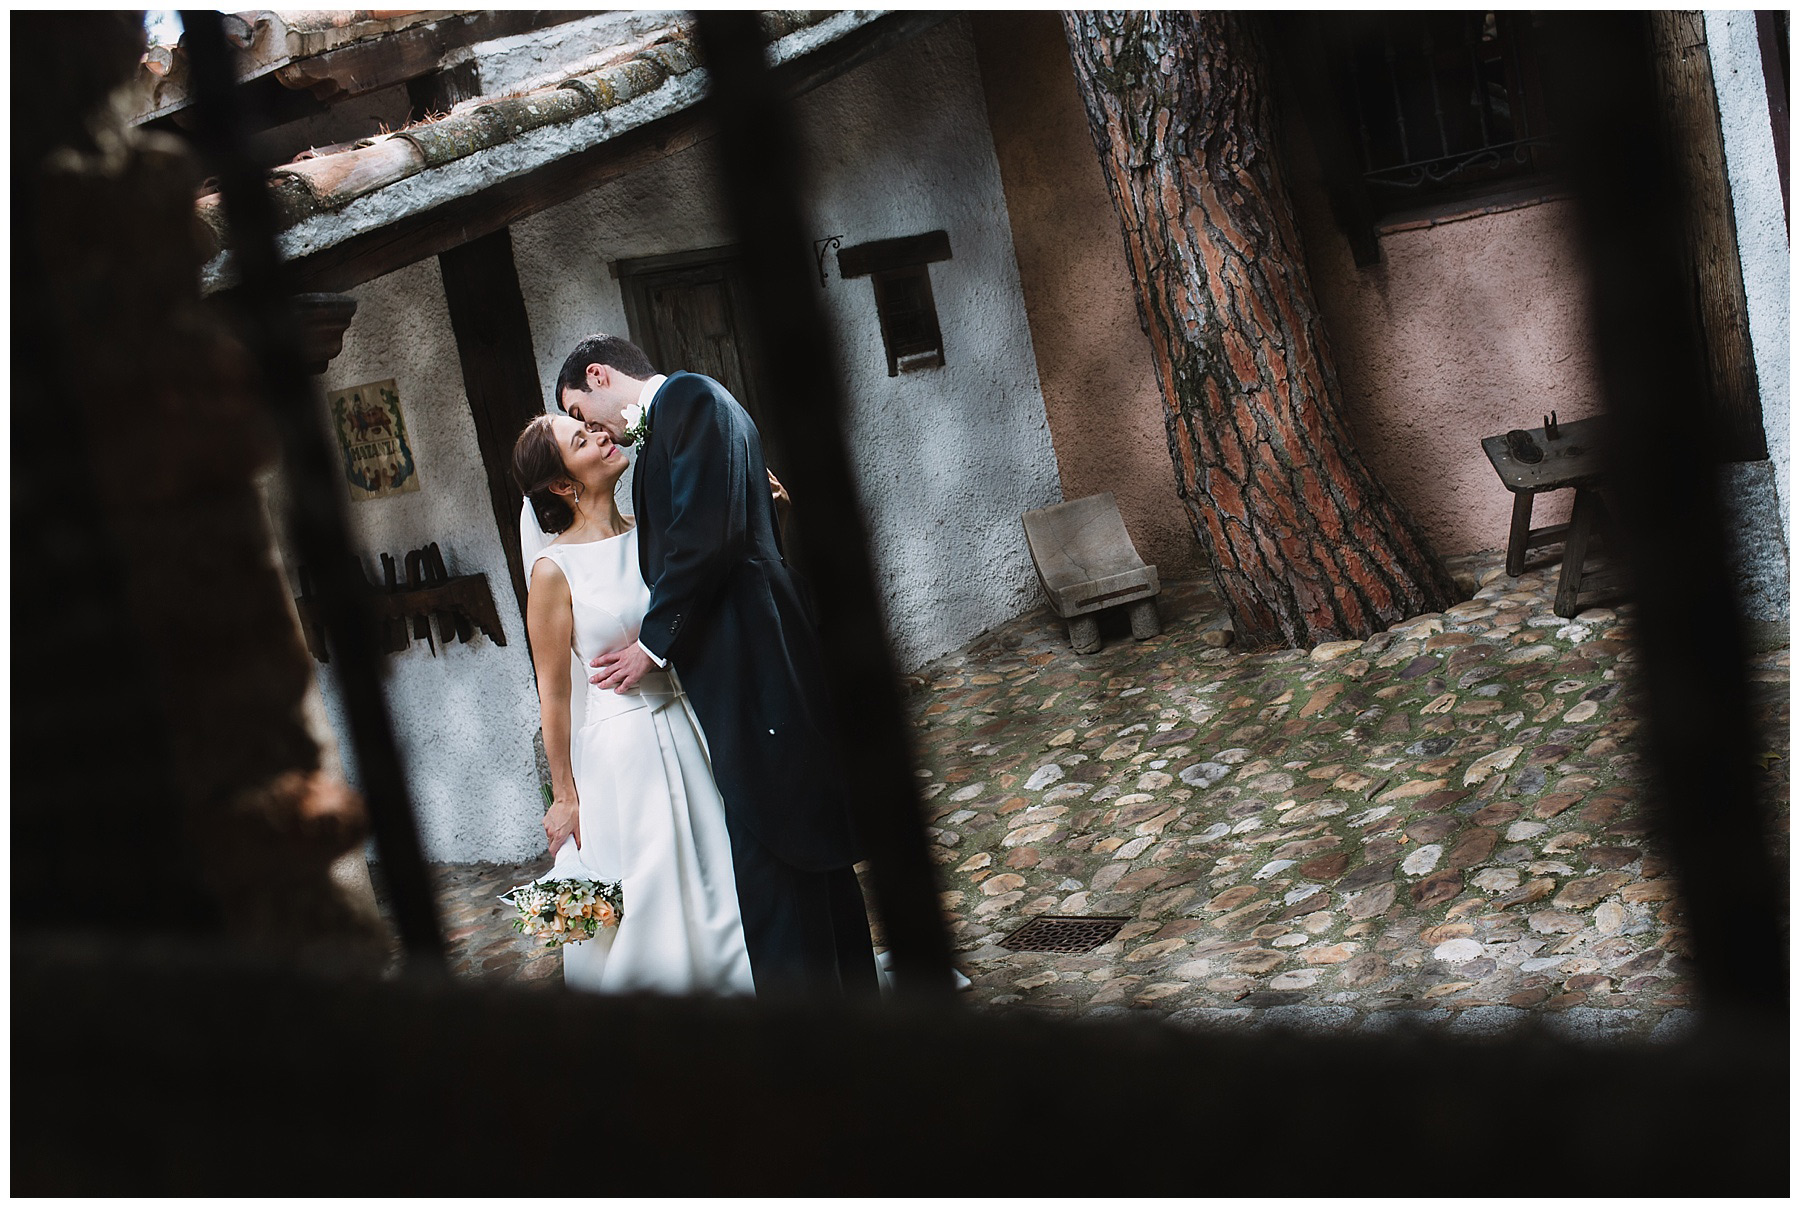 Fotografia boda en Madrid - Palacio del Negralejo - Buenavista and Co.